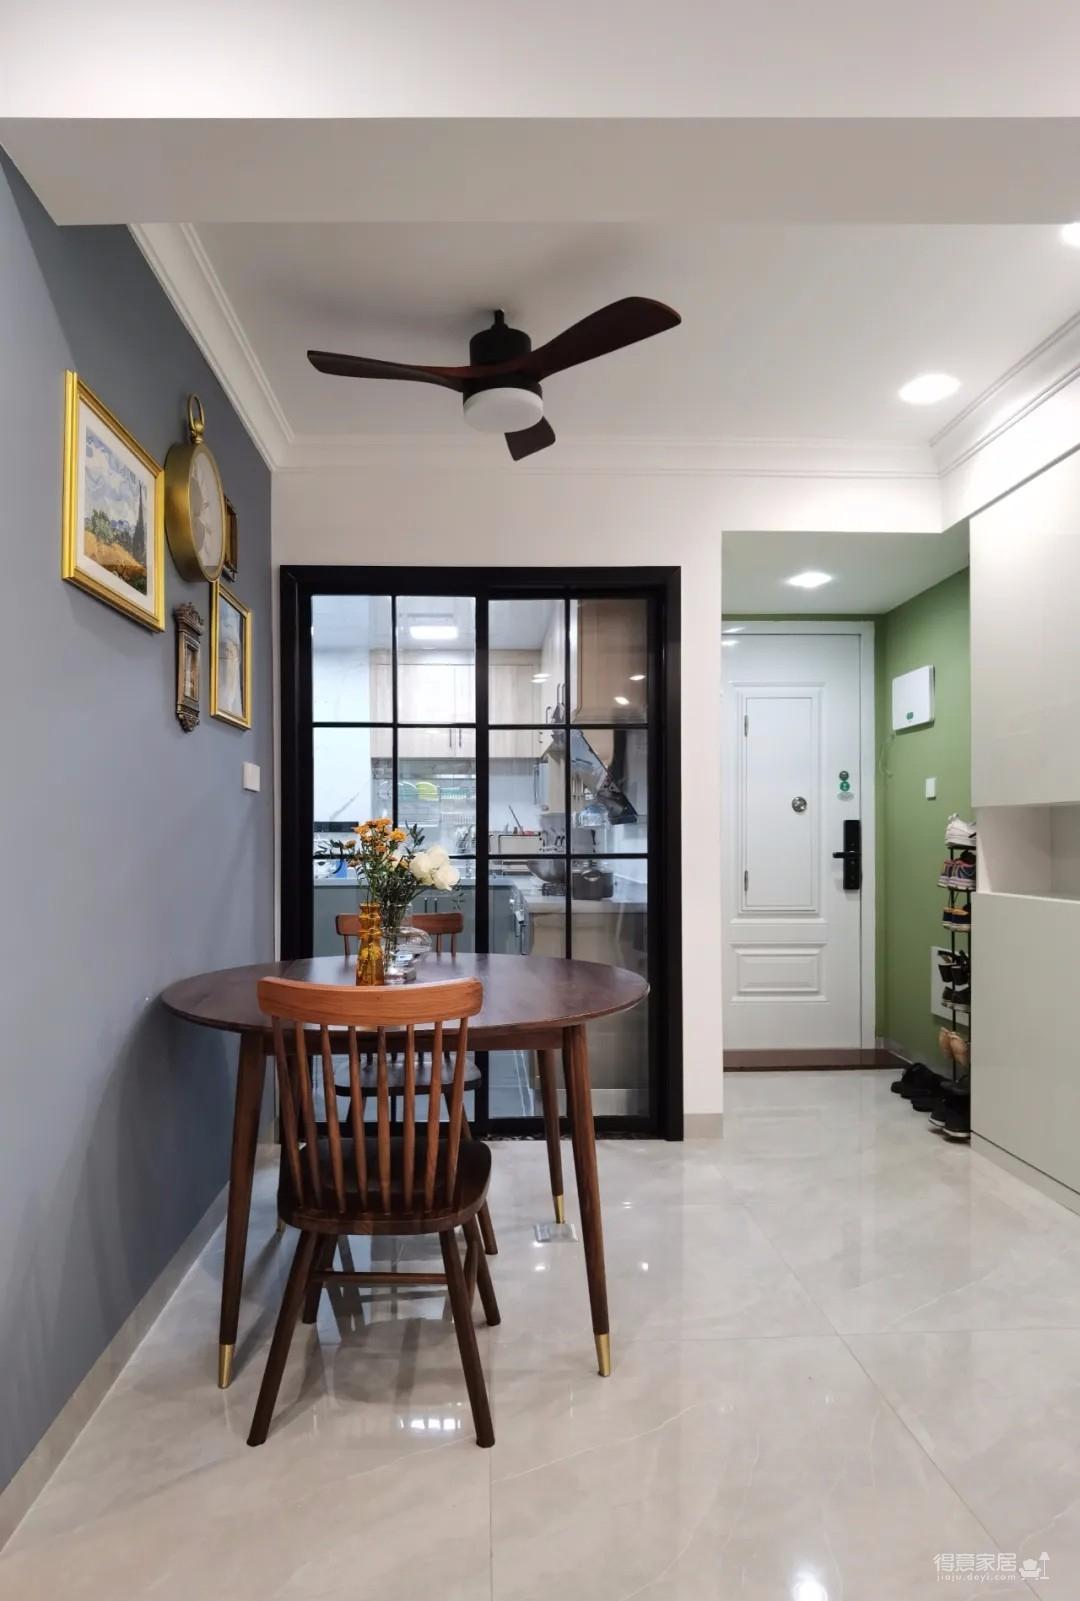 80㎡学区房改造,深浅蓝色搭配,8㎡厨房...三代同堂也不拥挤!